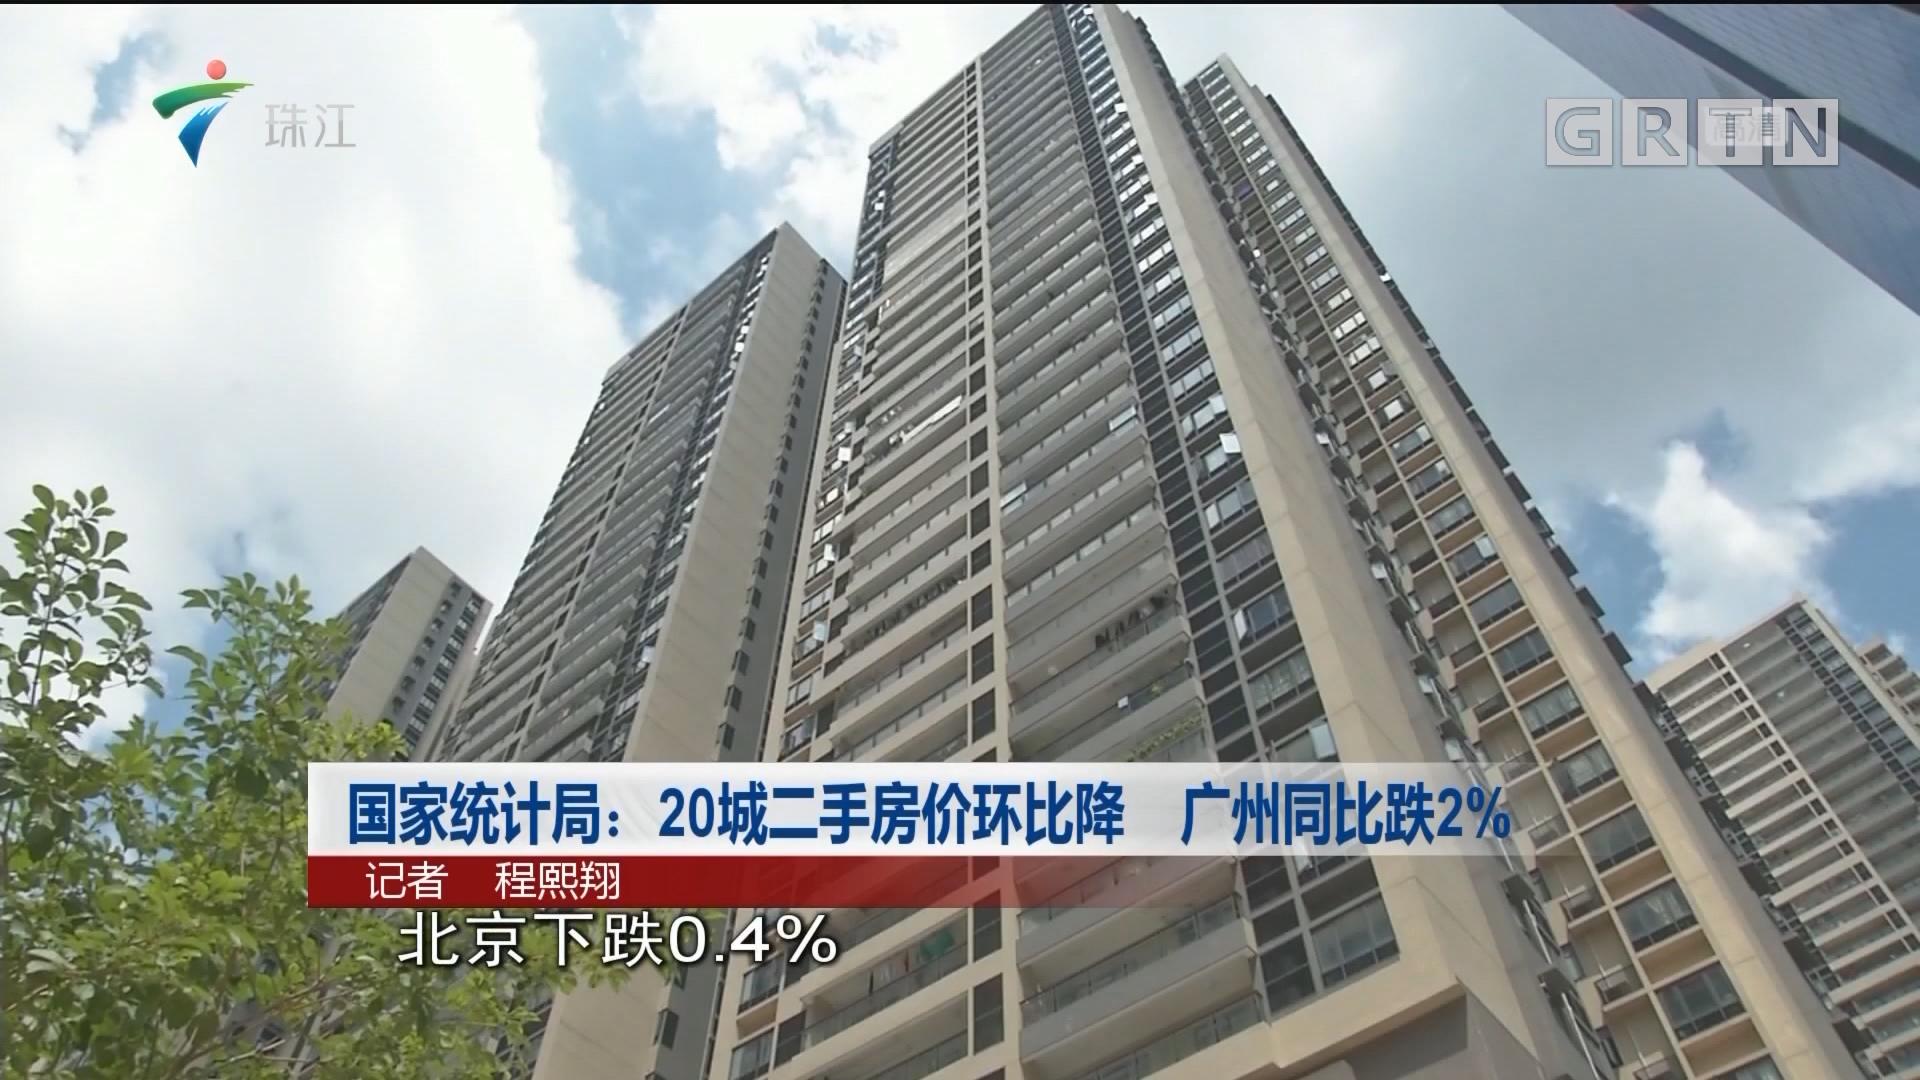 国家统计局:20城二手房价环比降 广州同比跌2%